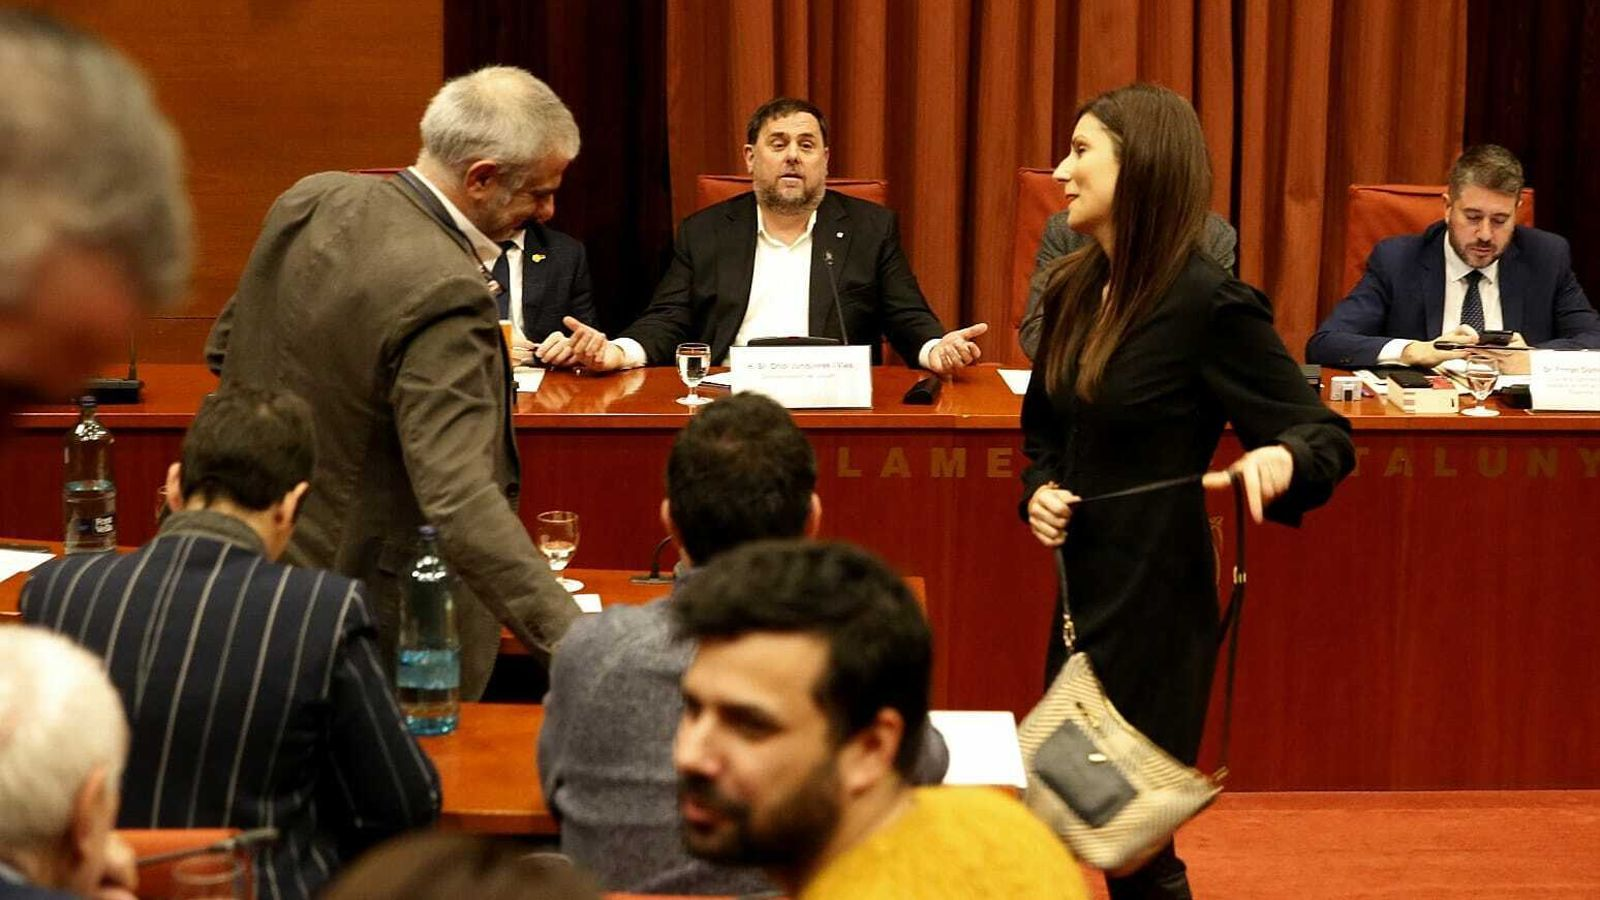 Instant en que els diputats de Cs han marxat de la comissió sense esperar la rèplica de Junqueras.